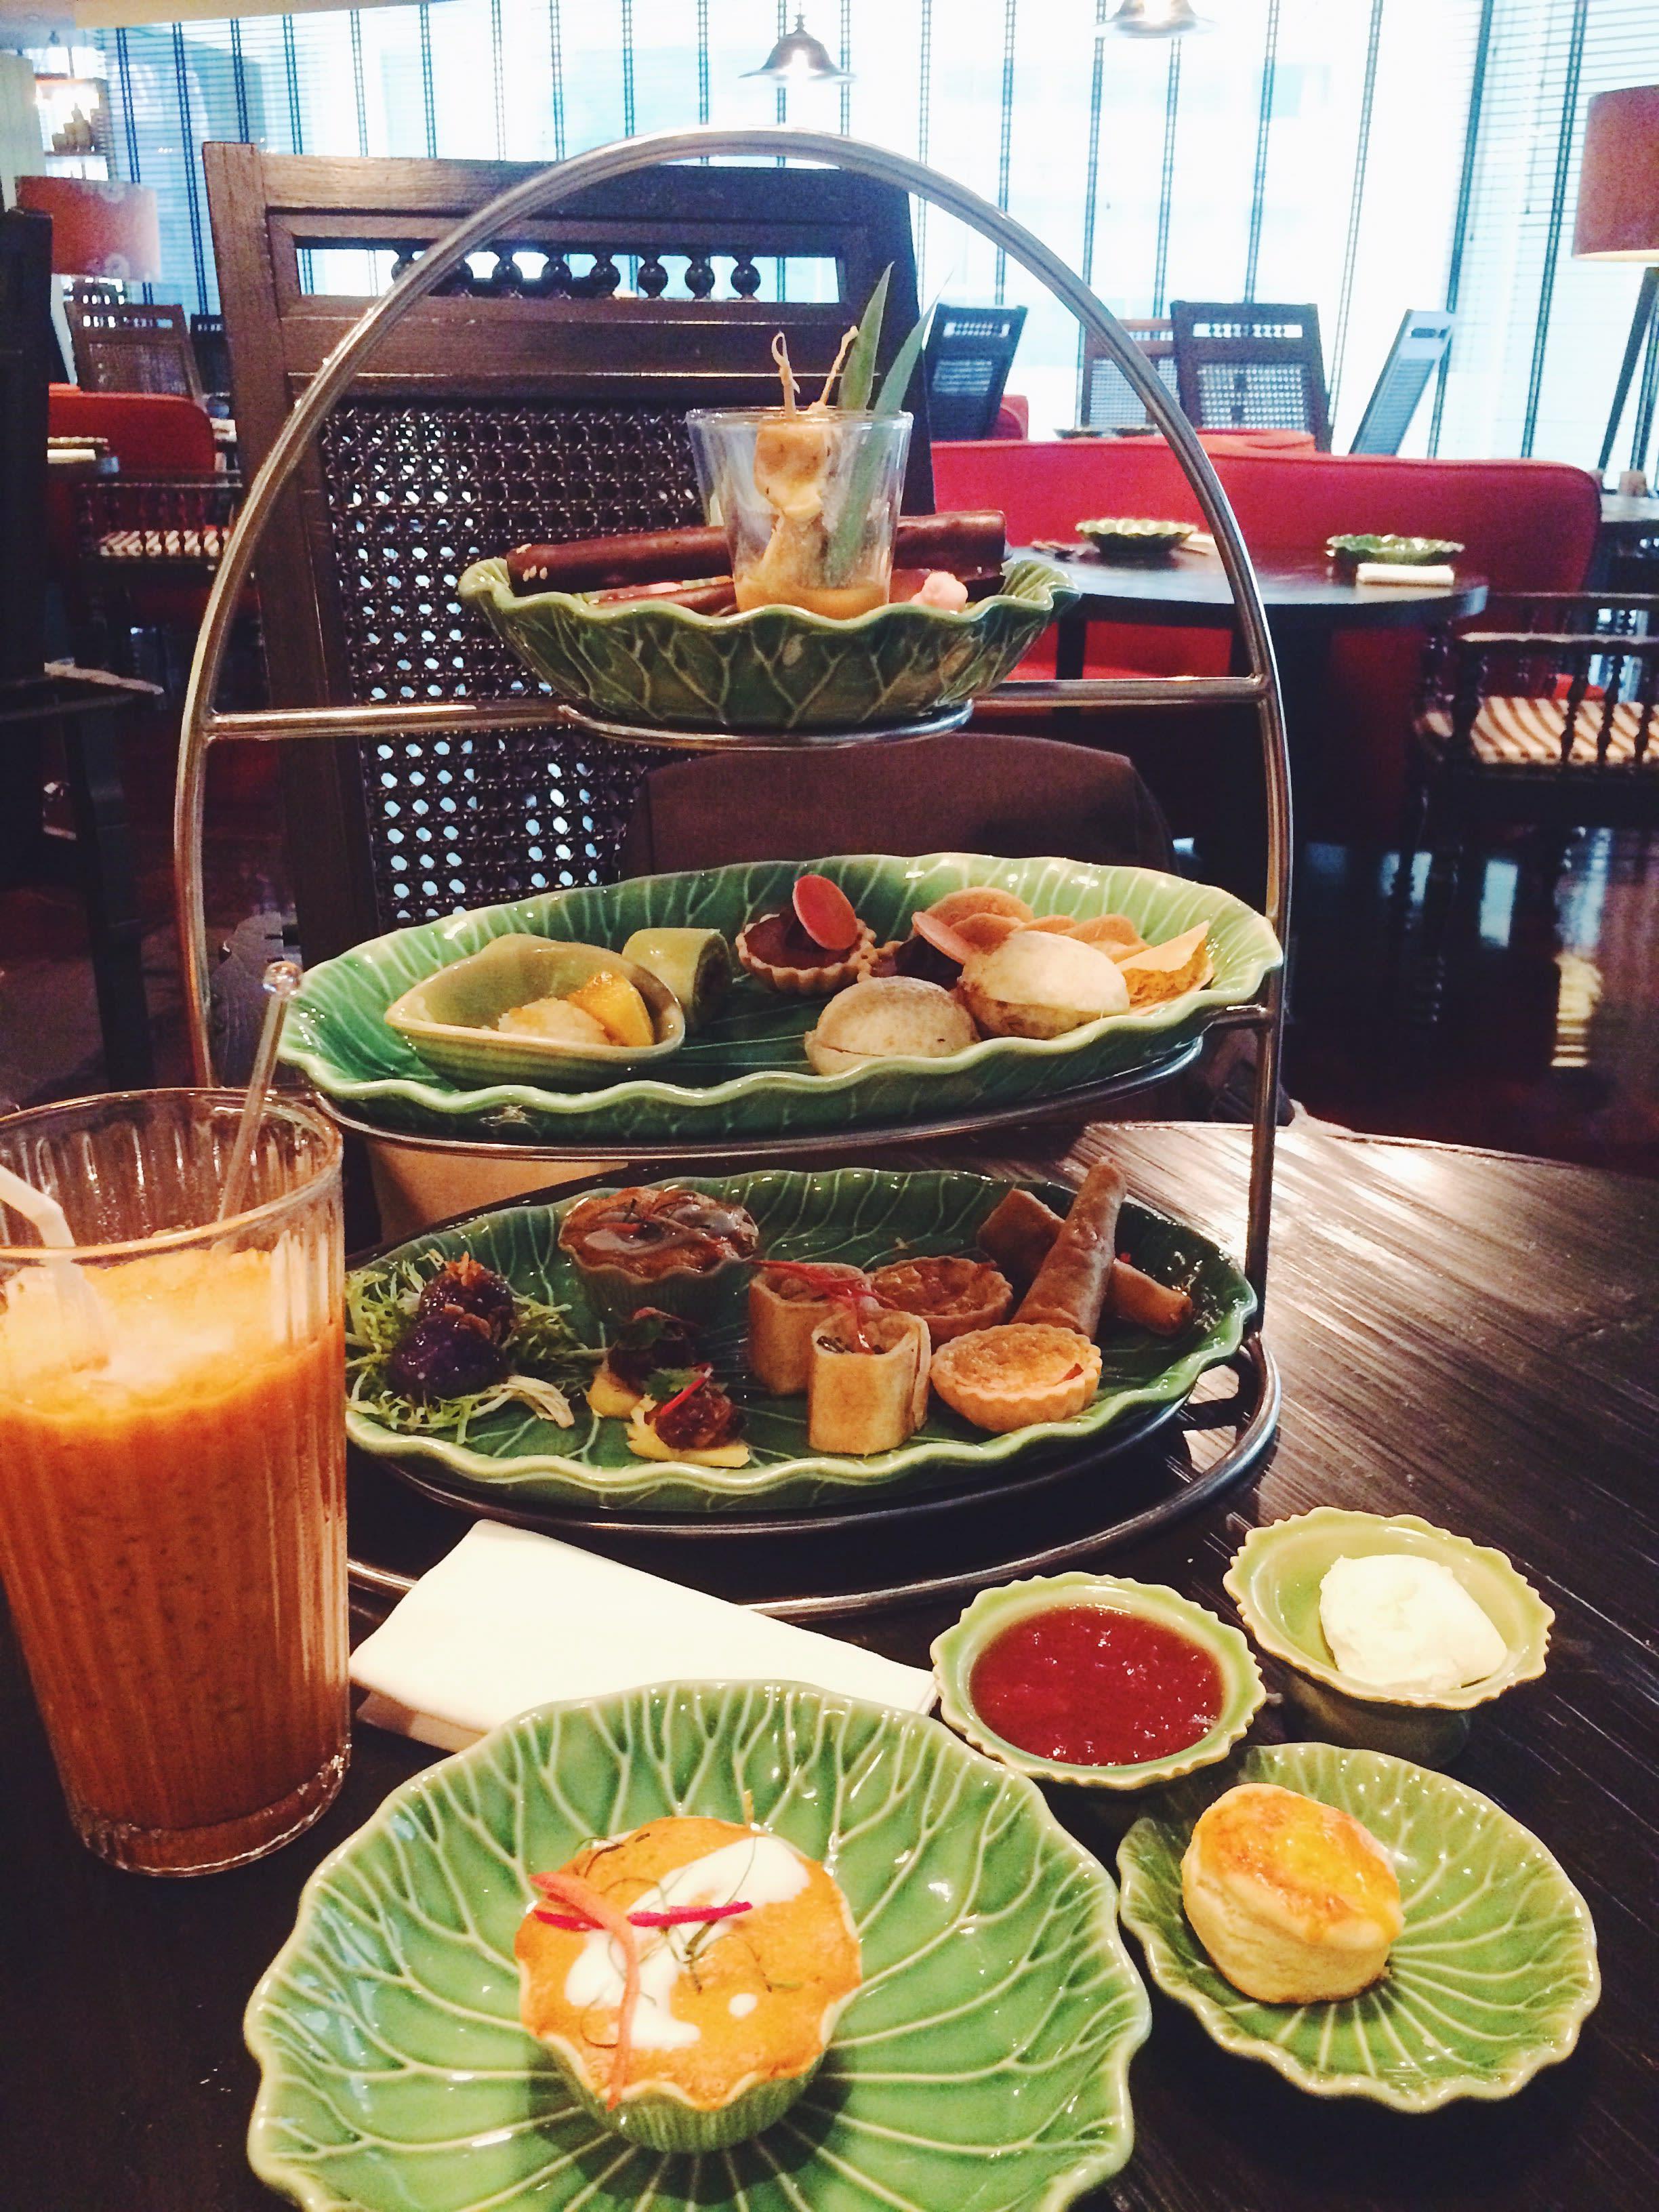 đồ ăn nhẹ tại erawan tea room trong chuyến du lịch thái lan 4 ngày 3 đêm